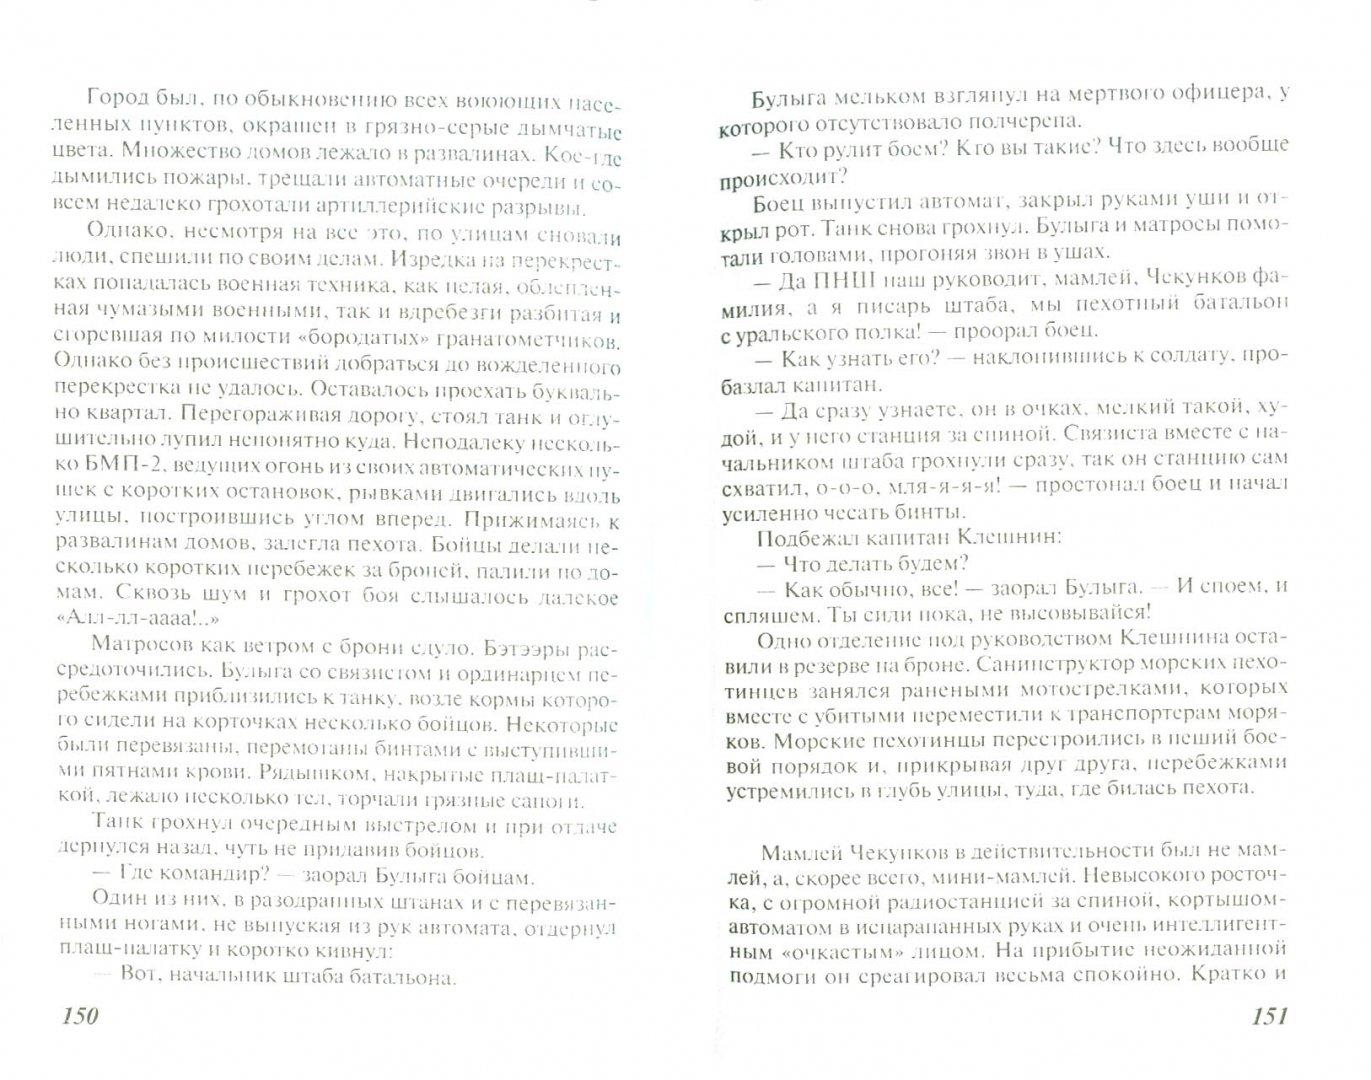 Иллюстрация 1 из 2 для Водки летчикам не давать! - Андрей Загорцев | Лабиринт - книги. Источник: Лабиринт